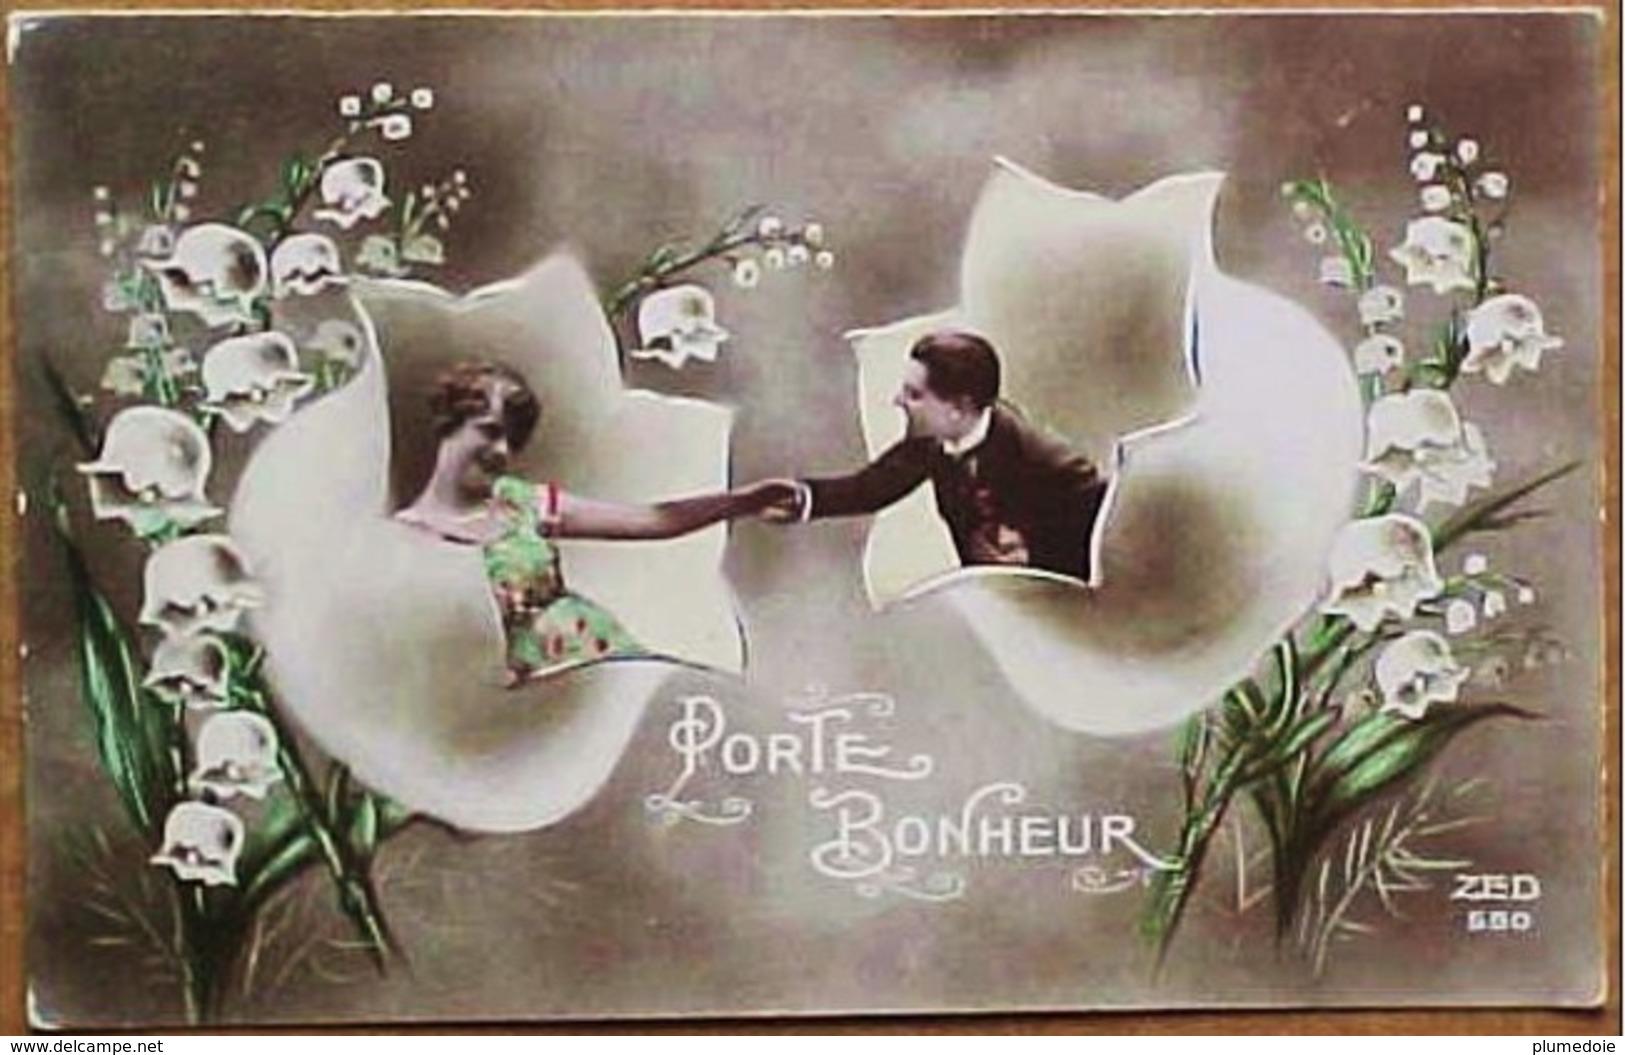 Cpa FLEURS CLOCHETTES De MUGUET GEANTES. COUPLE Photo Montage Surrealiste PORTE BONHEUR , GIANT LILY FLOWERS - Fleurs